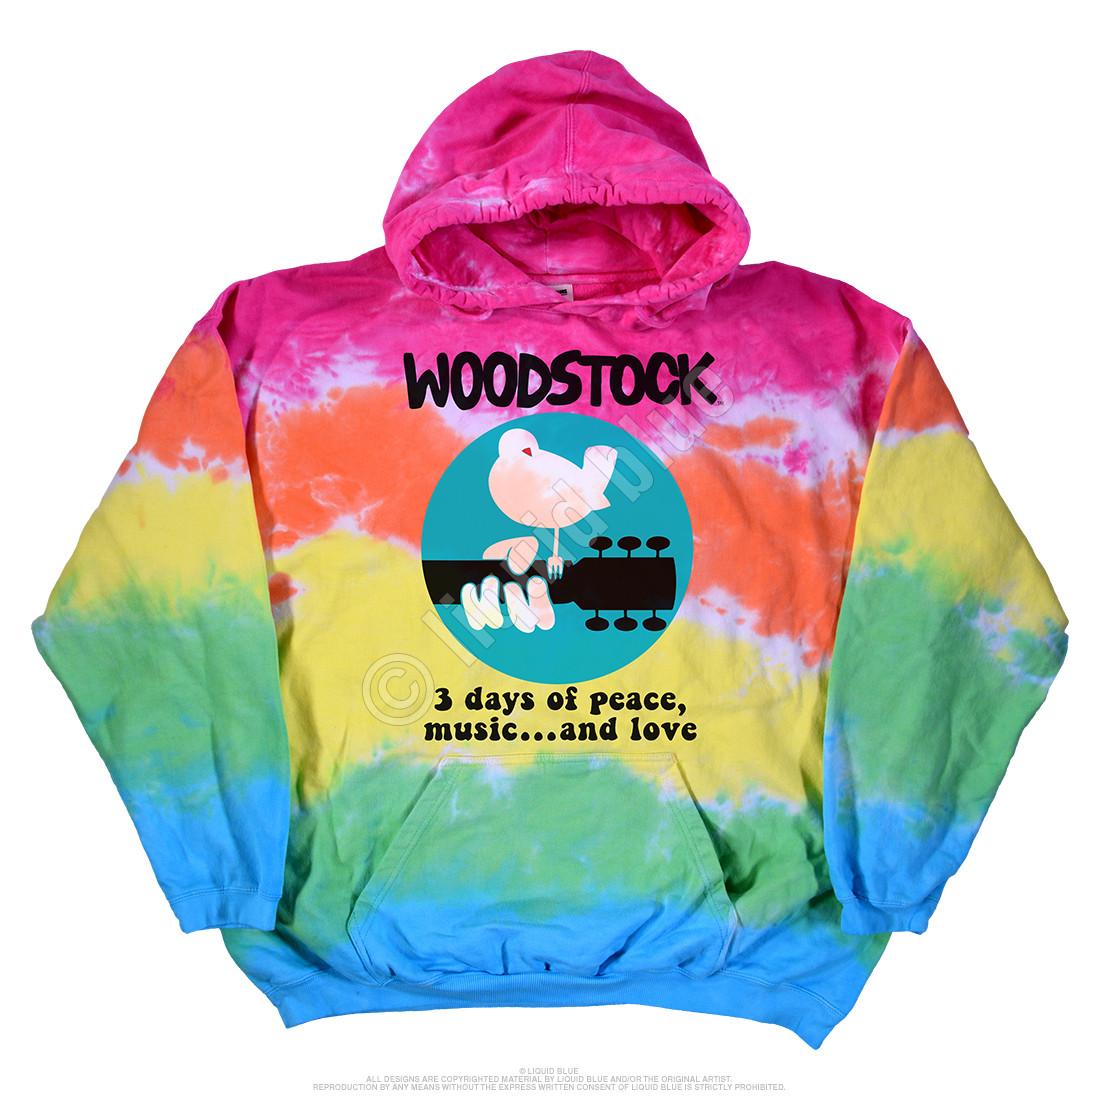 Woodstock Banded Tie-Dye Hoodie